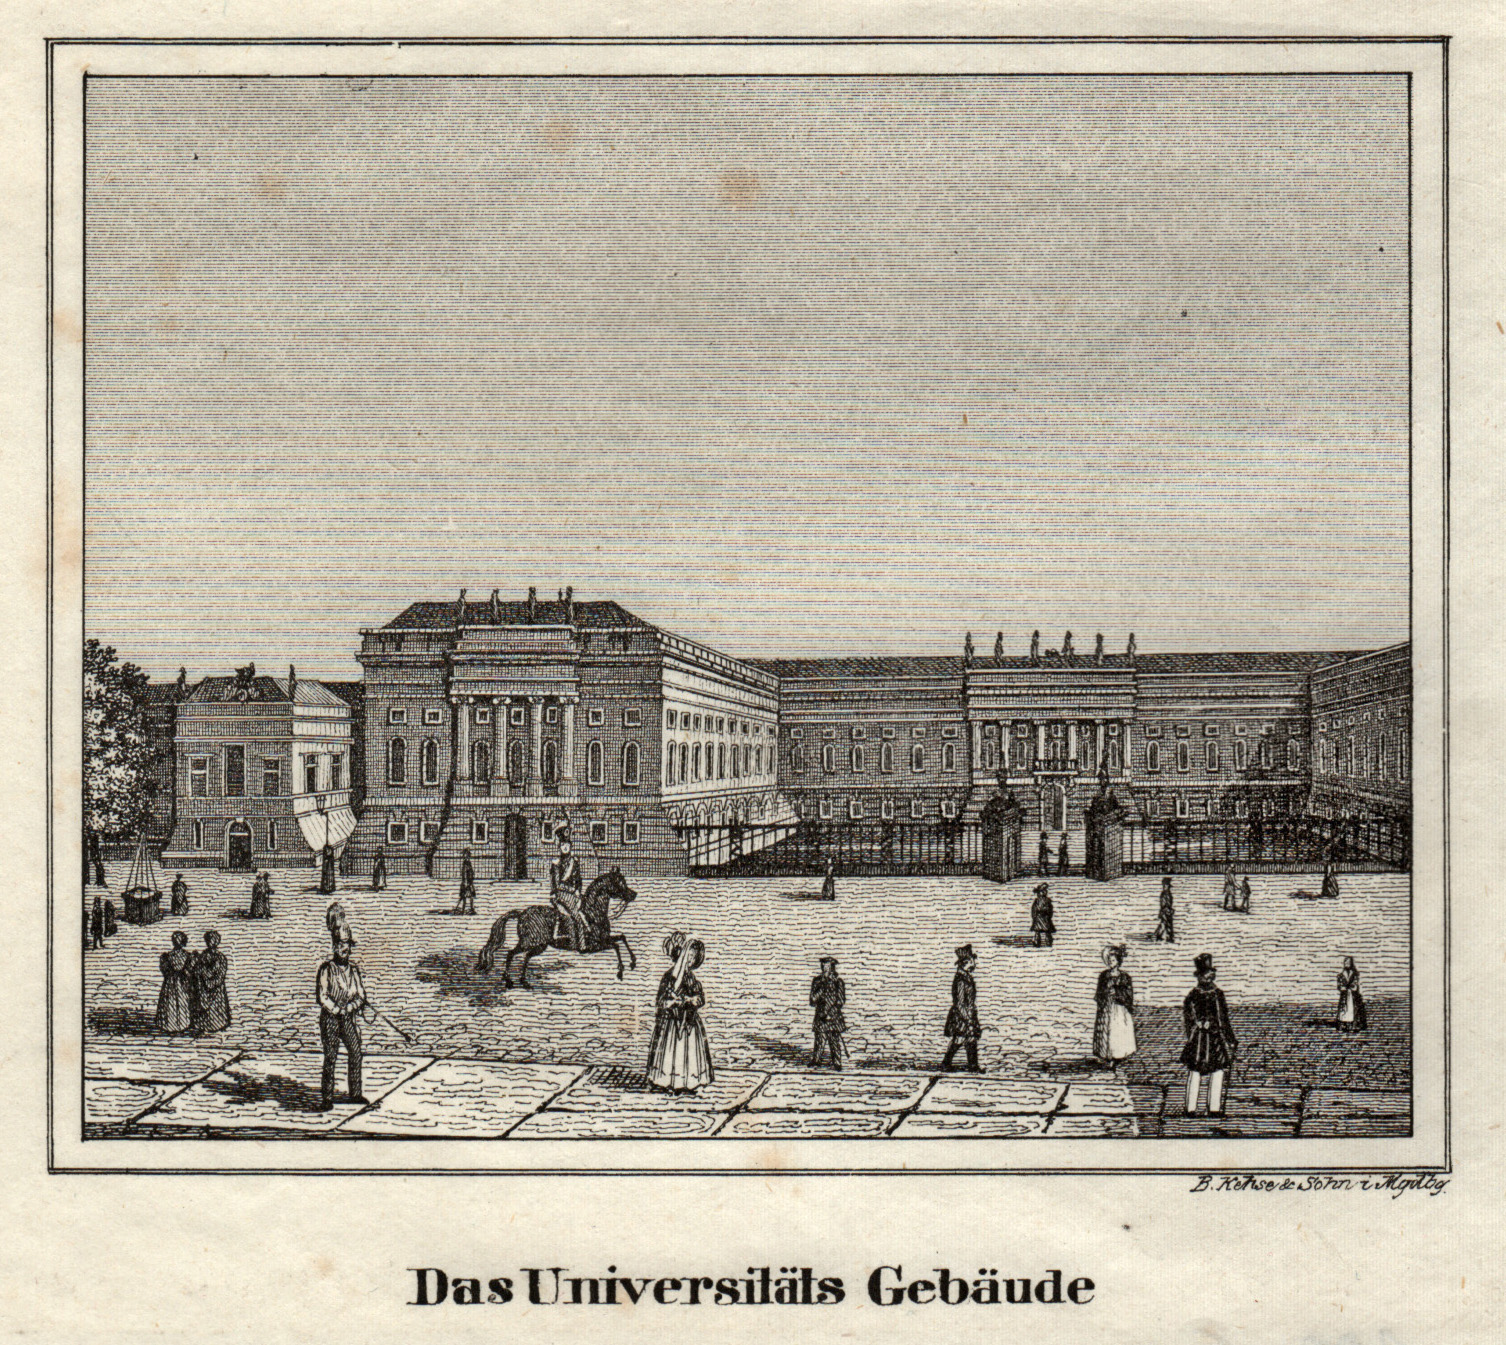 Das Universitäts Gebäude.: Berlin - Universität: